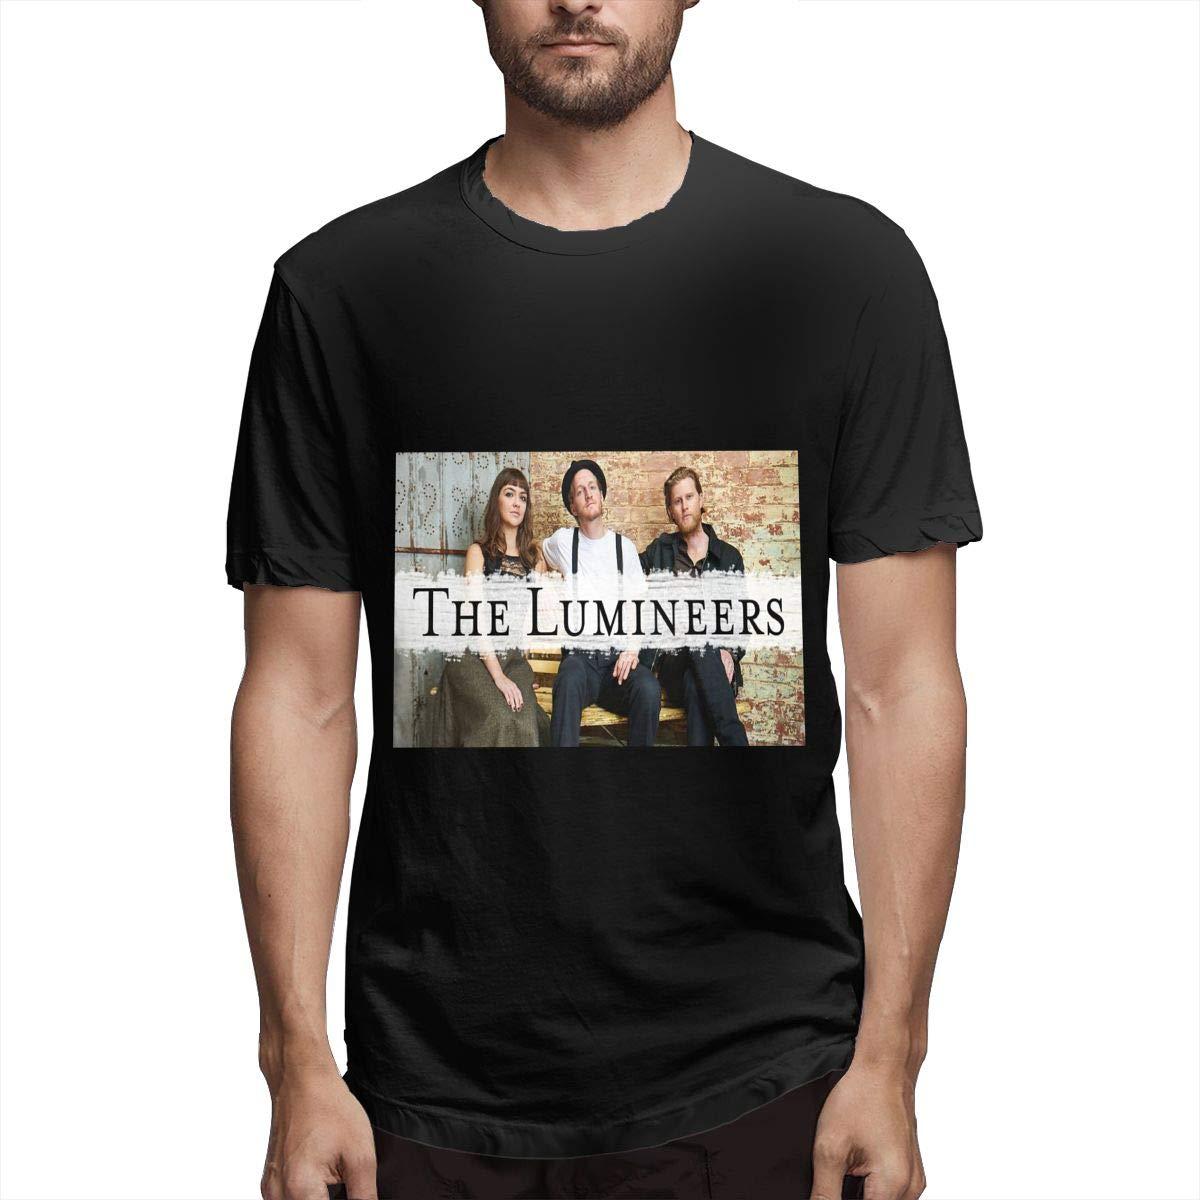 Lihehen S The Lumineers Retro Printing Round Neck T Shirts